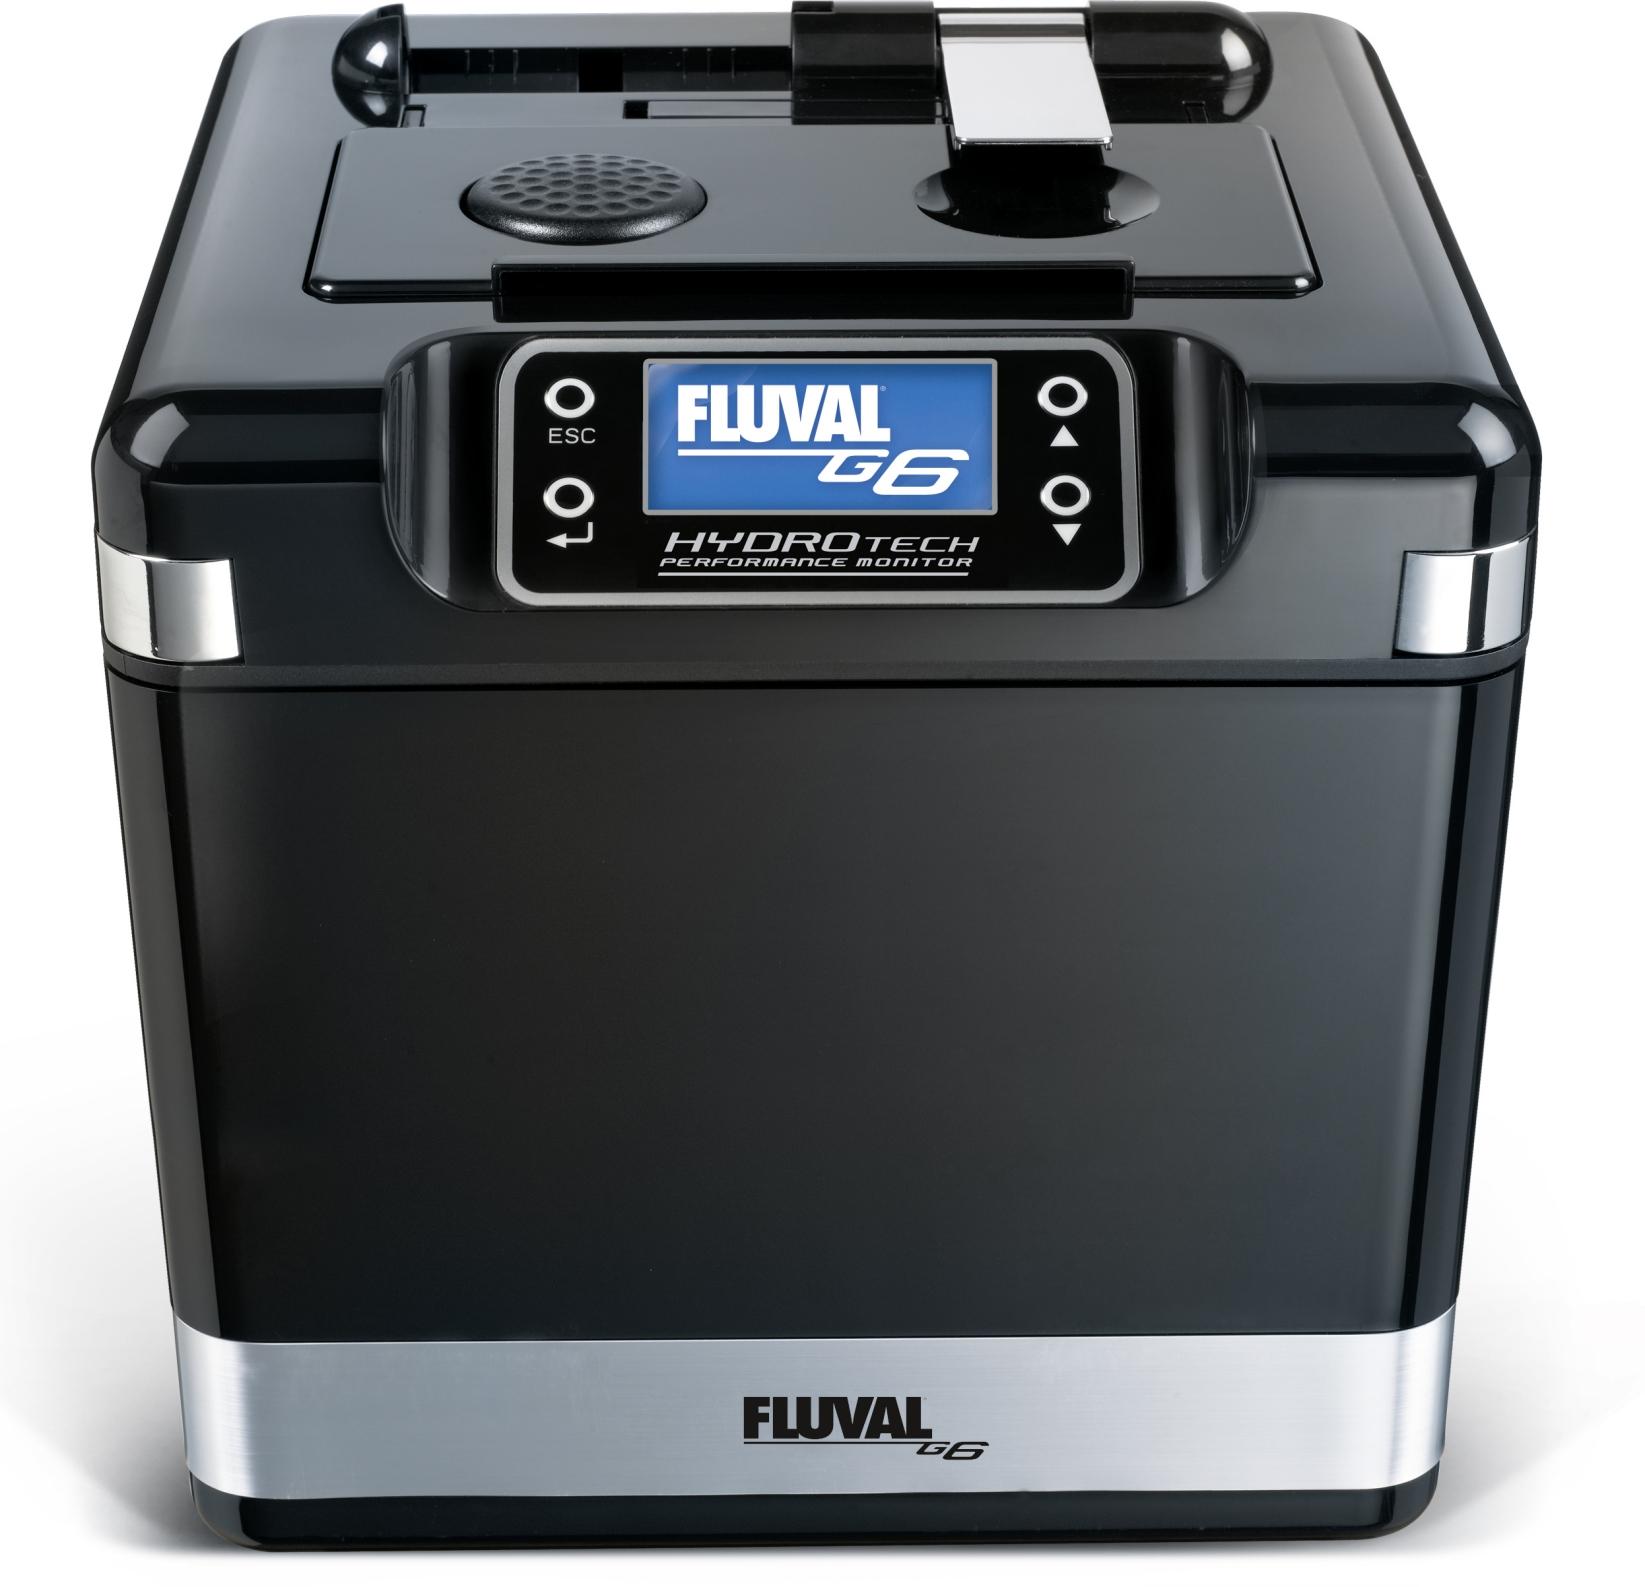 Shop Fluval Premium Aquarium Filter G6